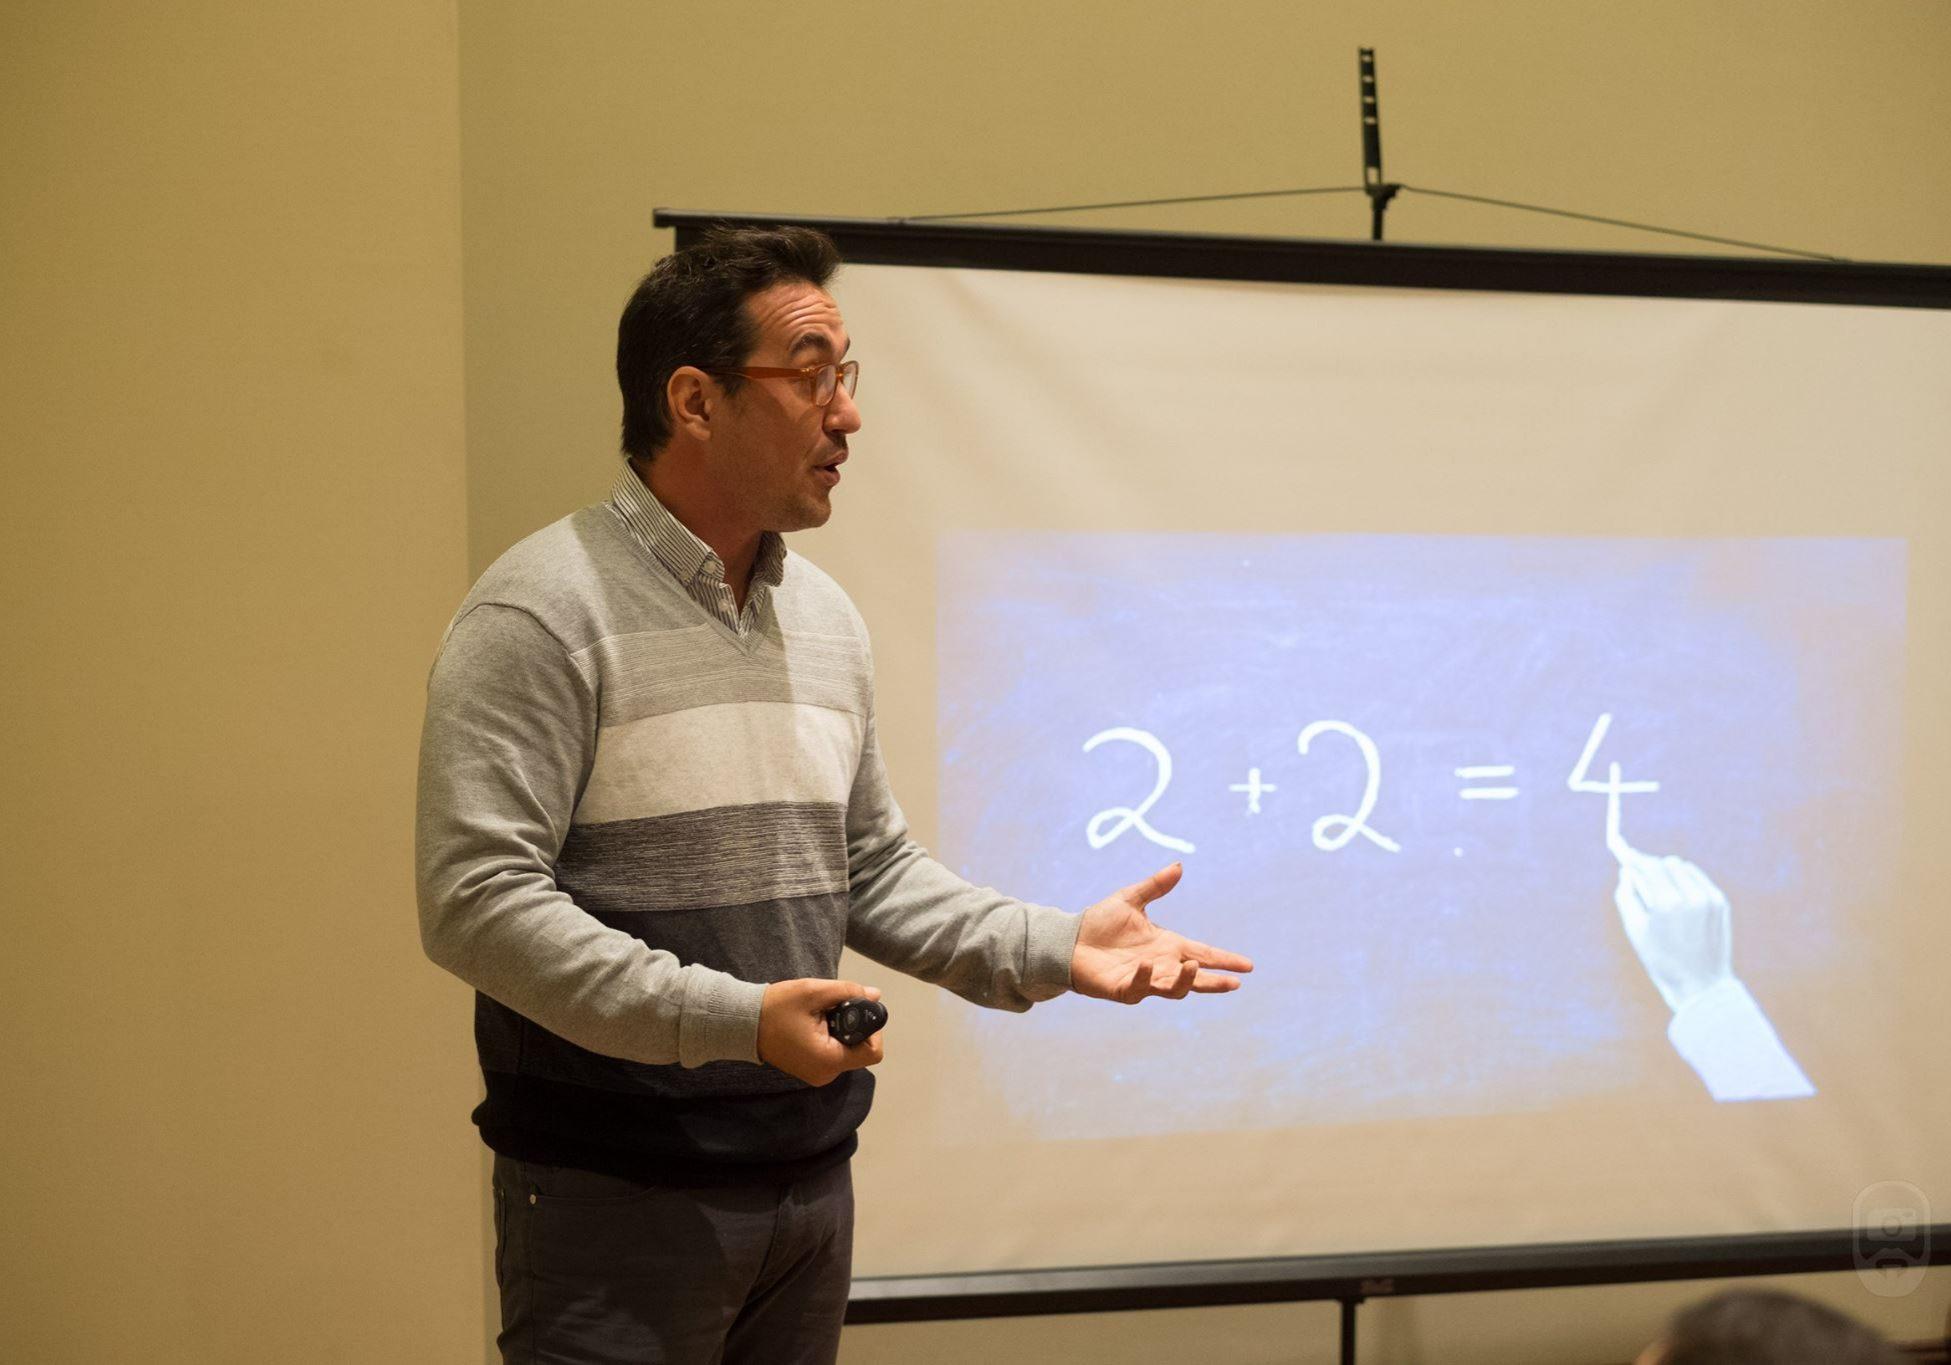 presentaciones, power point